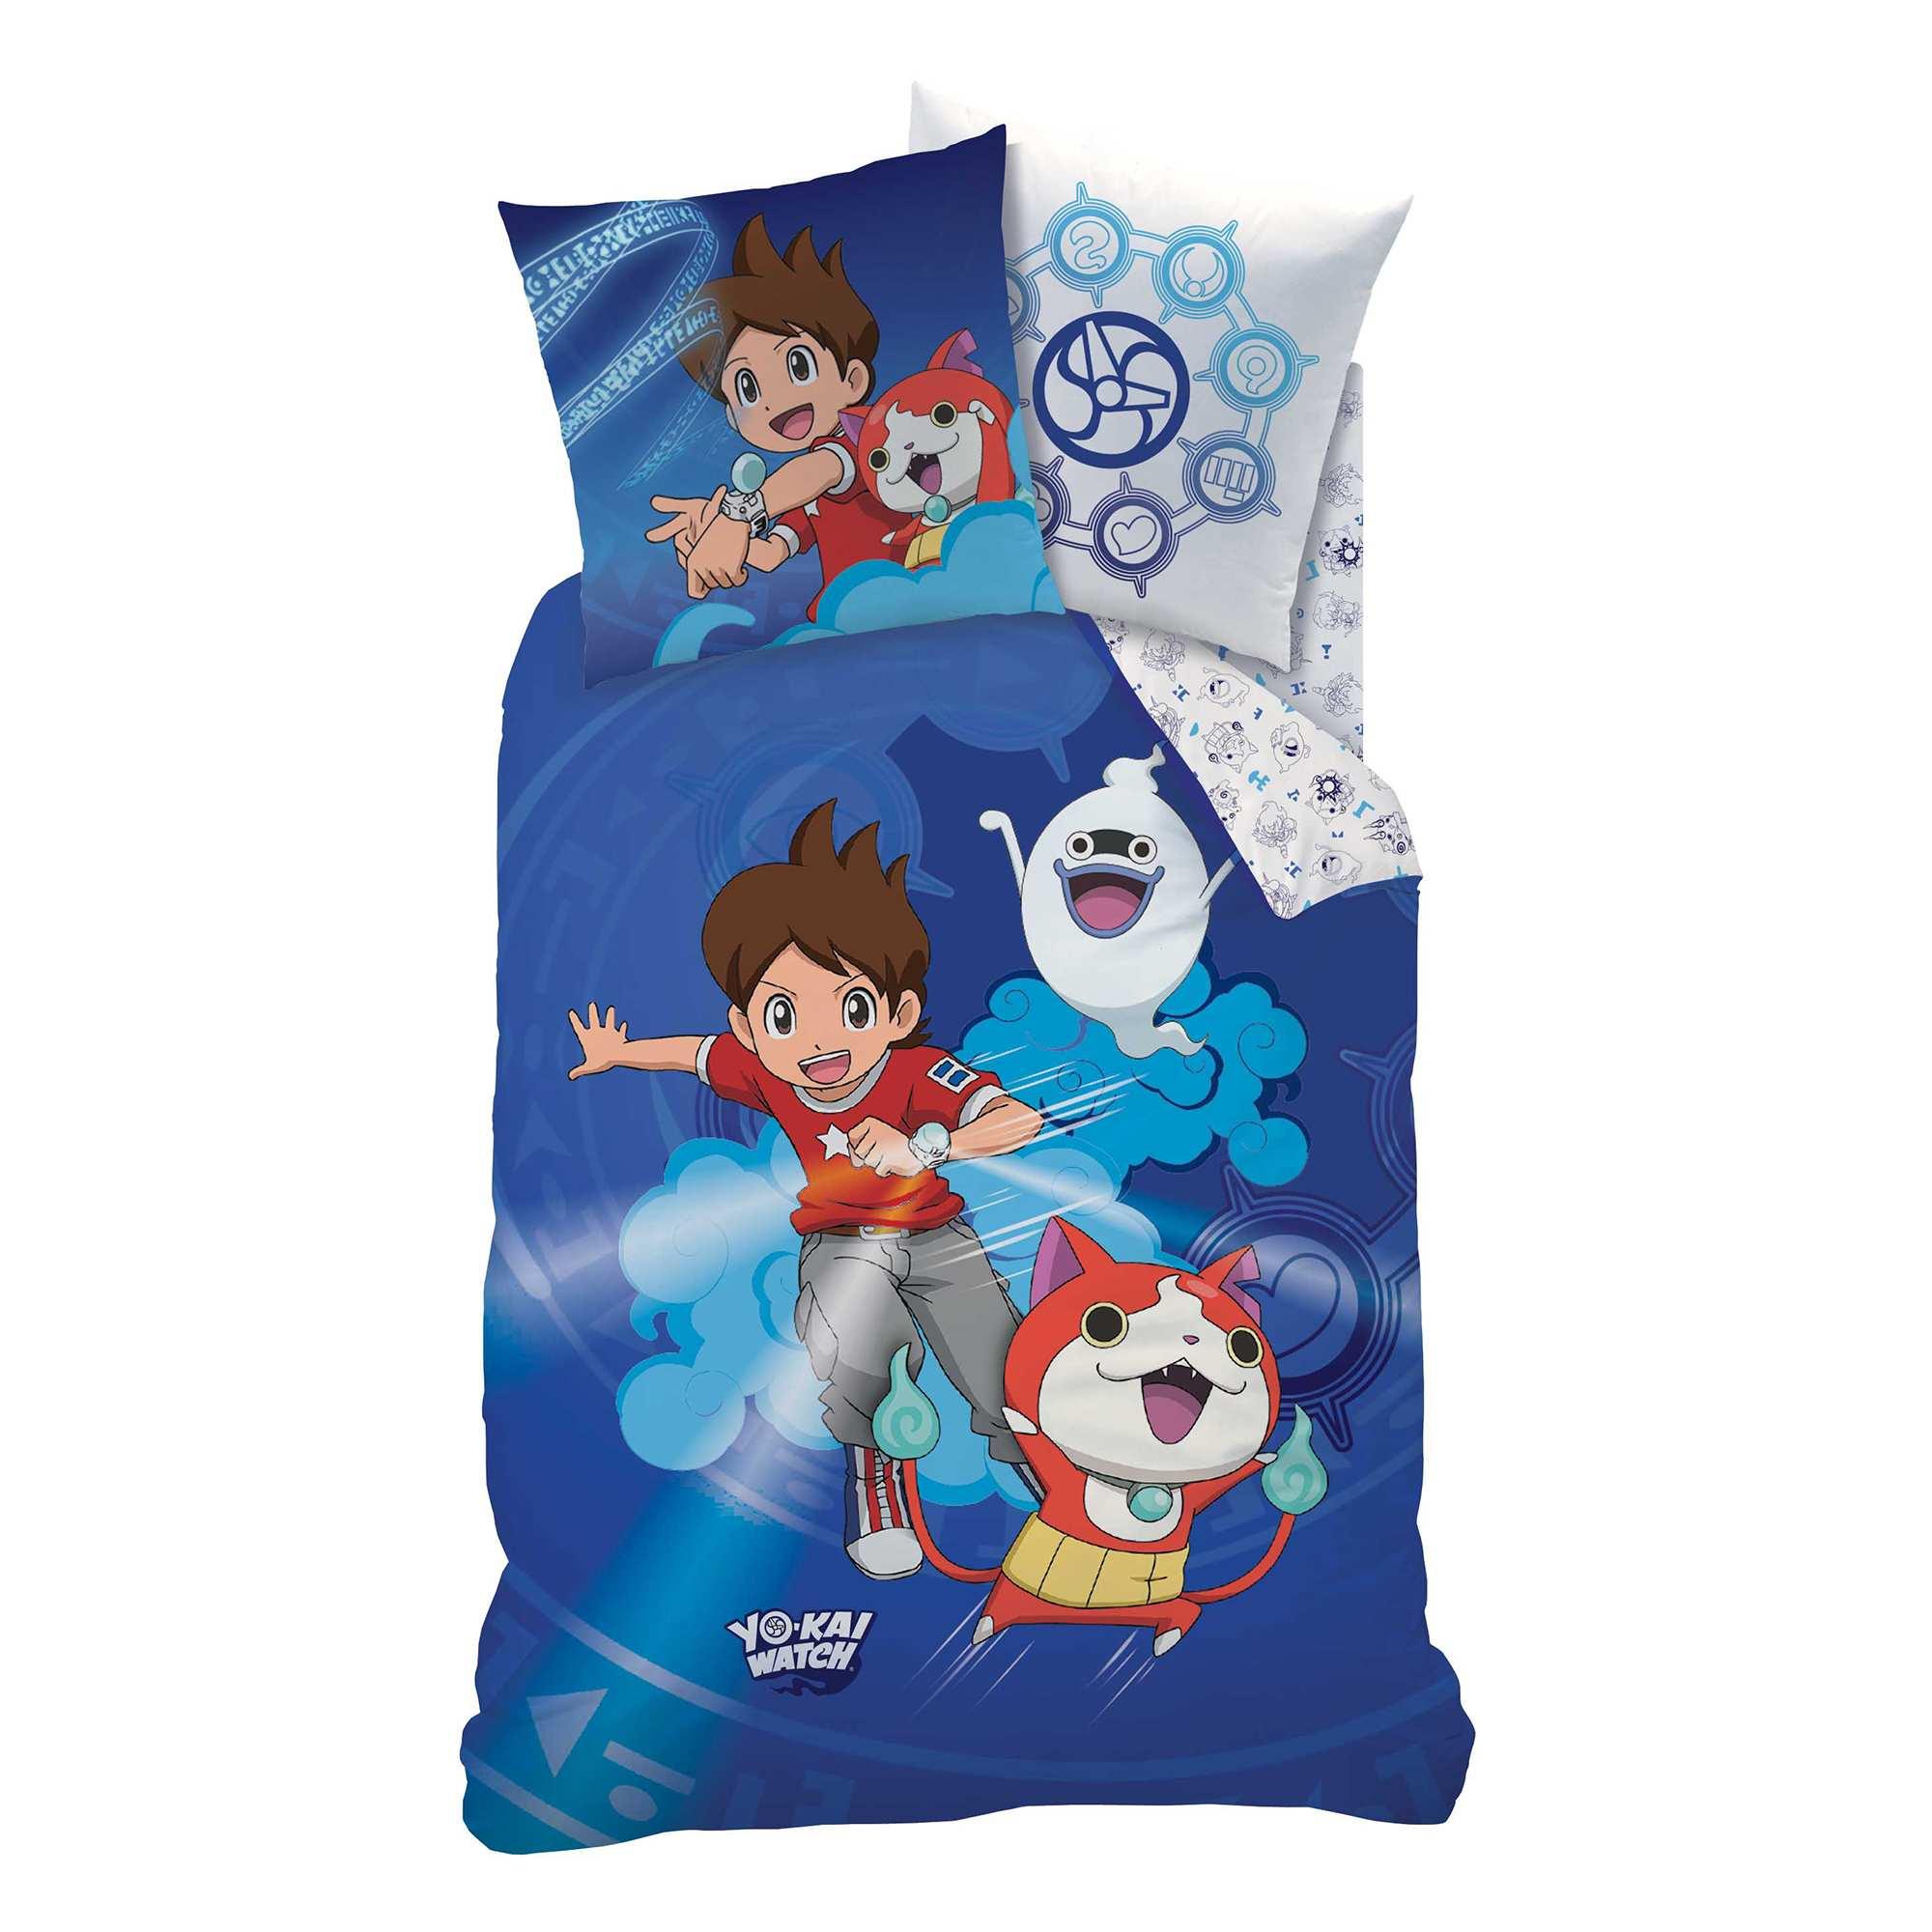 Couleur : bleu, , ,, - Taille : 140x200, , ,,Une parure de lit pour les fans du jeu vidéo et des mangas 'Yo Kai Watch' ! - Parure